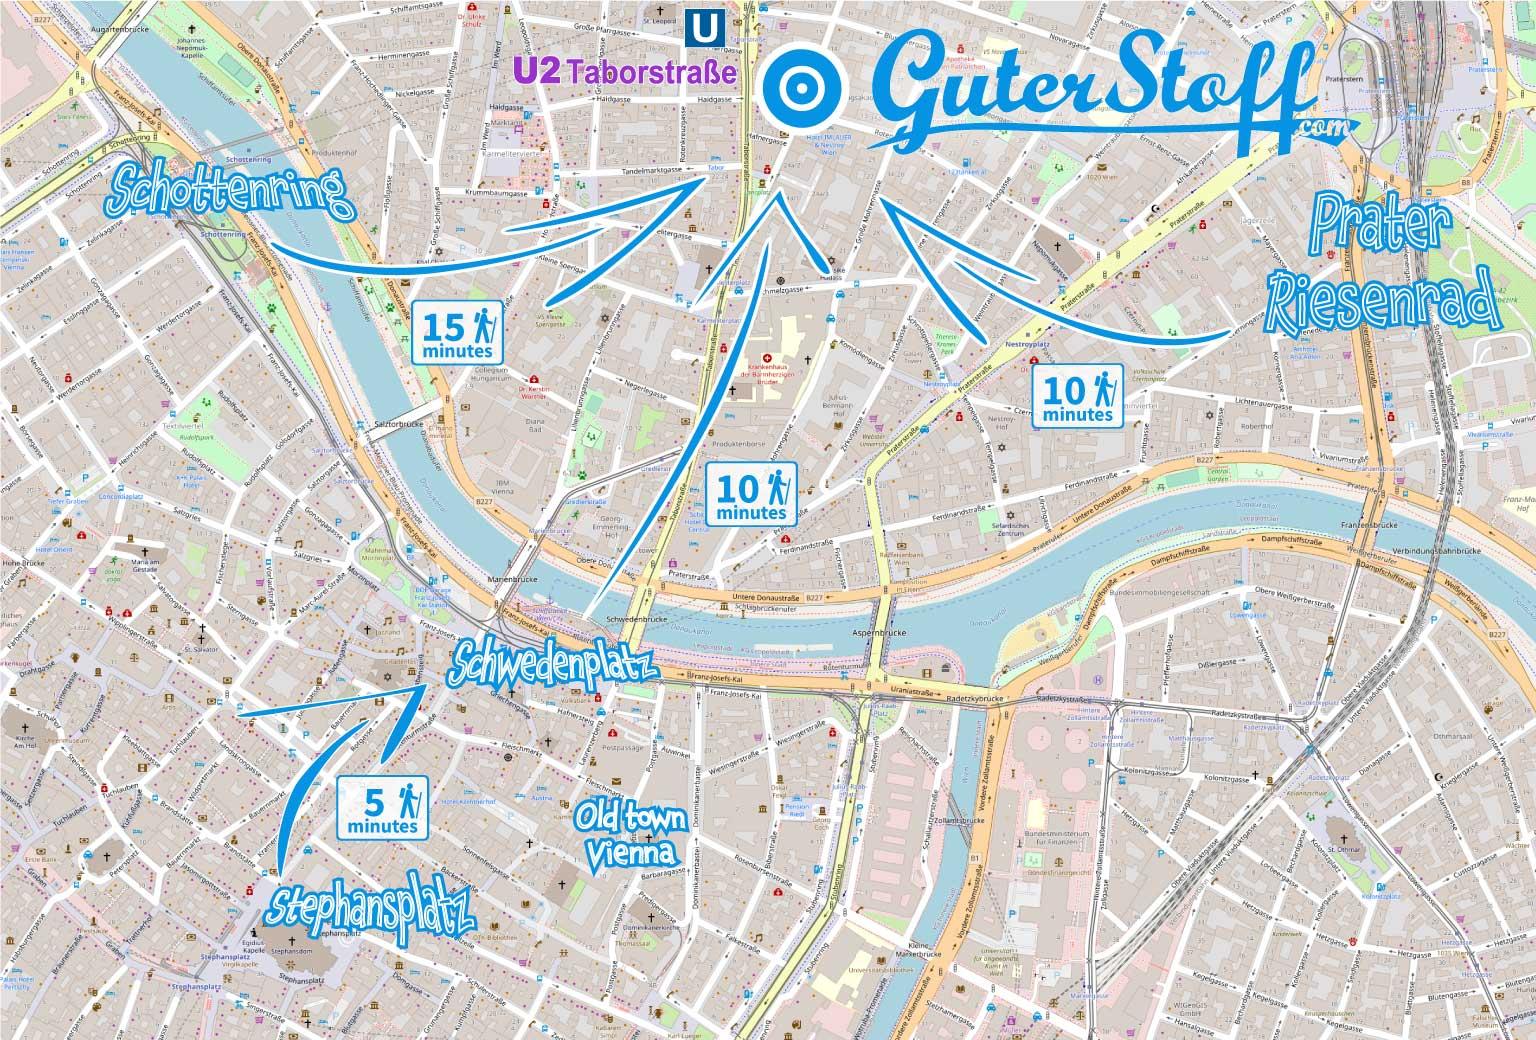 Illustrierte Karte Wege und Gehzeiten zu Guter Stoff Wien vom Prater Riesenrad, Schwedenplatz, Stephansplatz und Schottenring